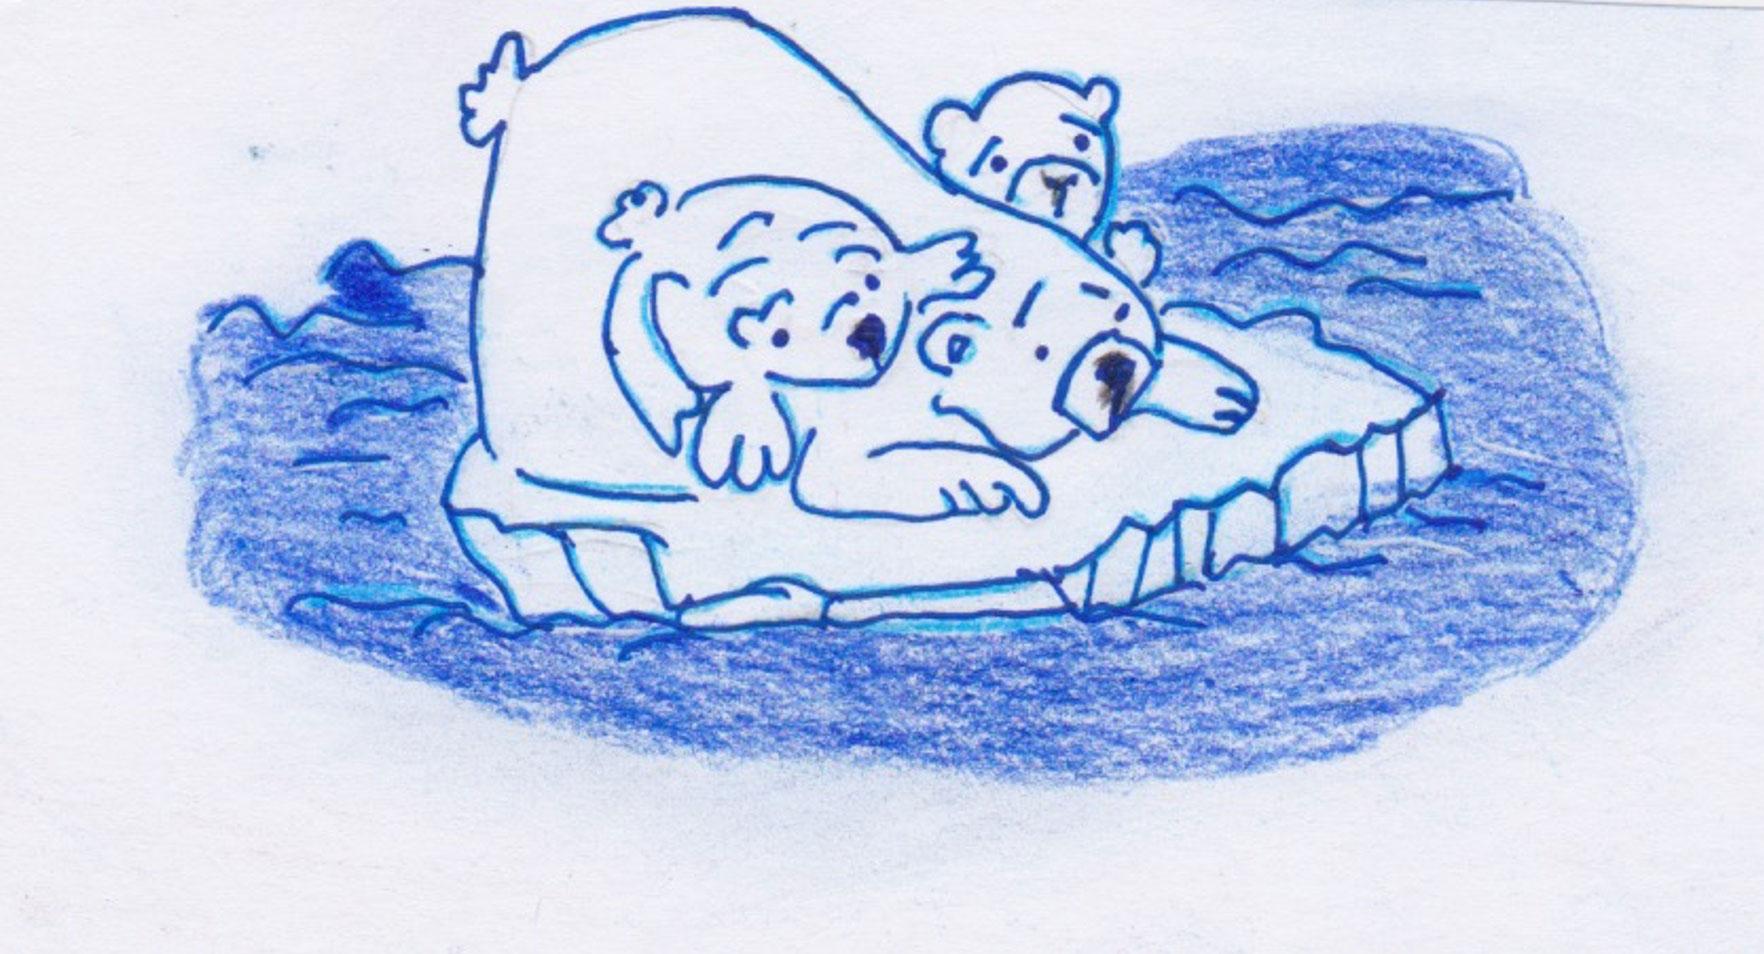 Il disegno raffigura un orso polare con due cuccioli, dall'espressione triste, su una piccola piattaforma di ghiaccio che si sta sciogliendo nel mare